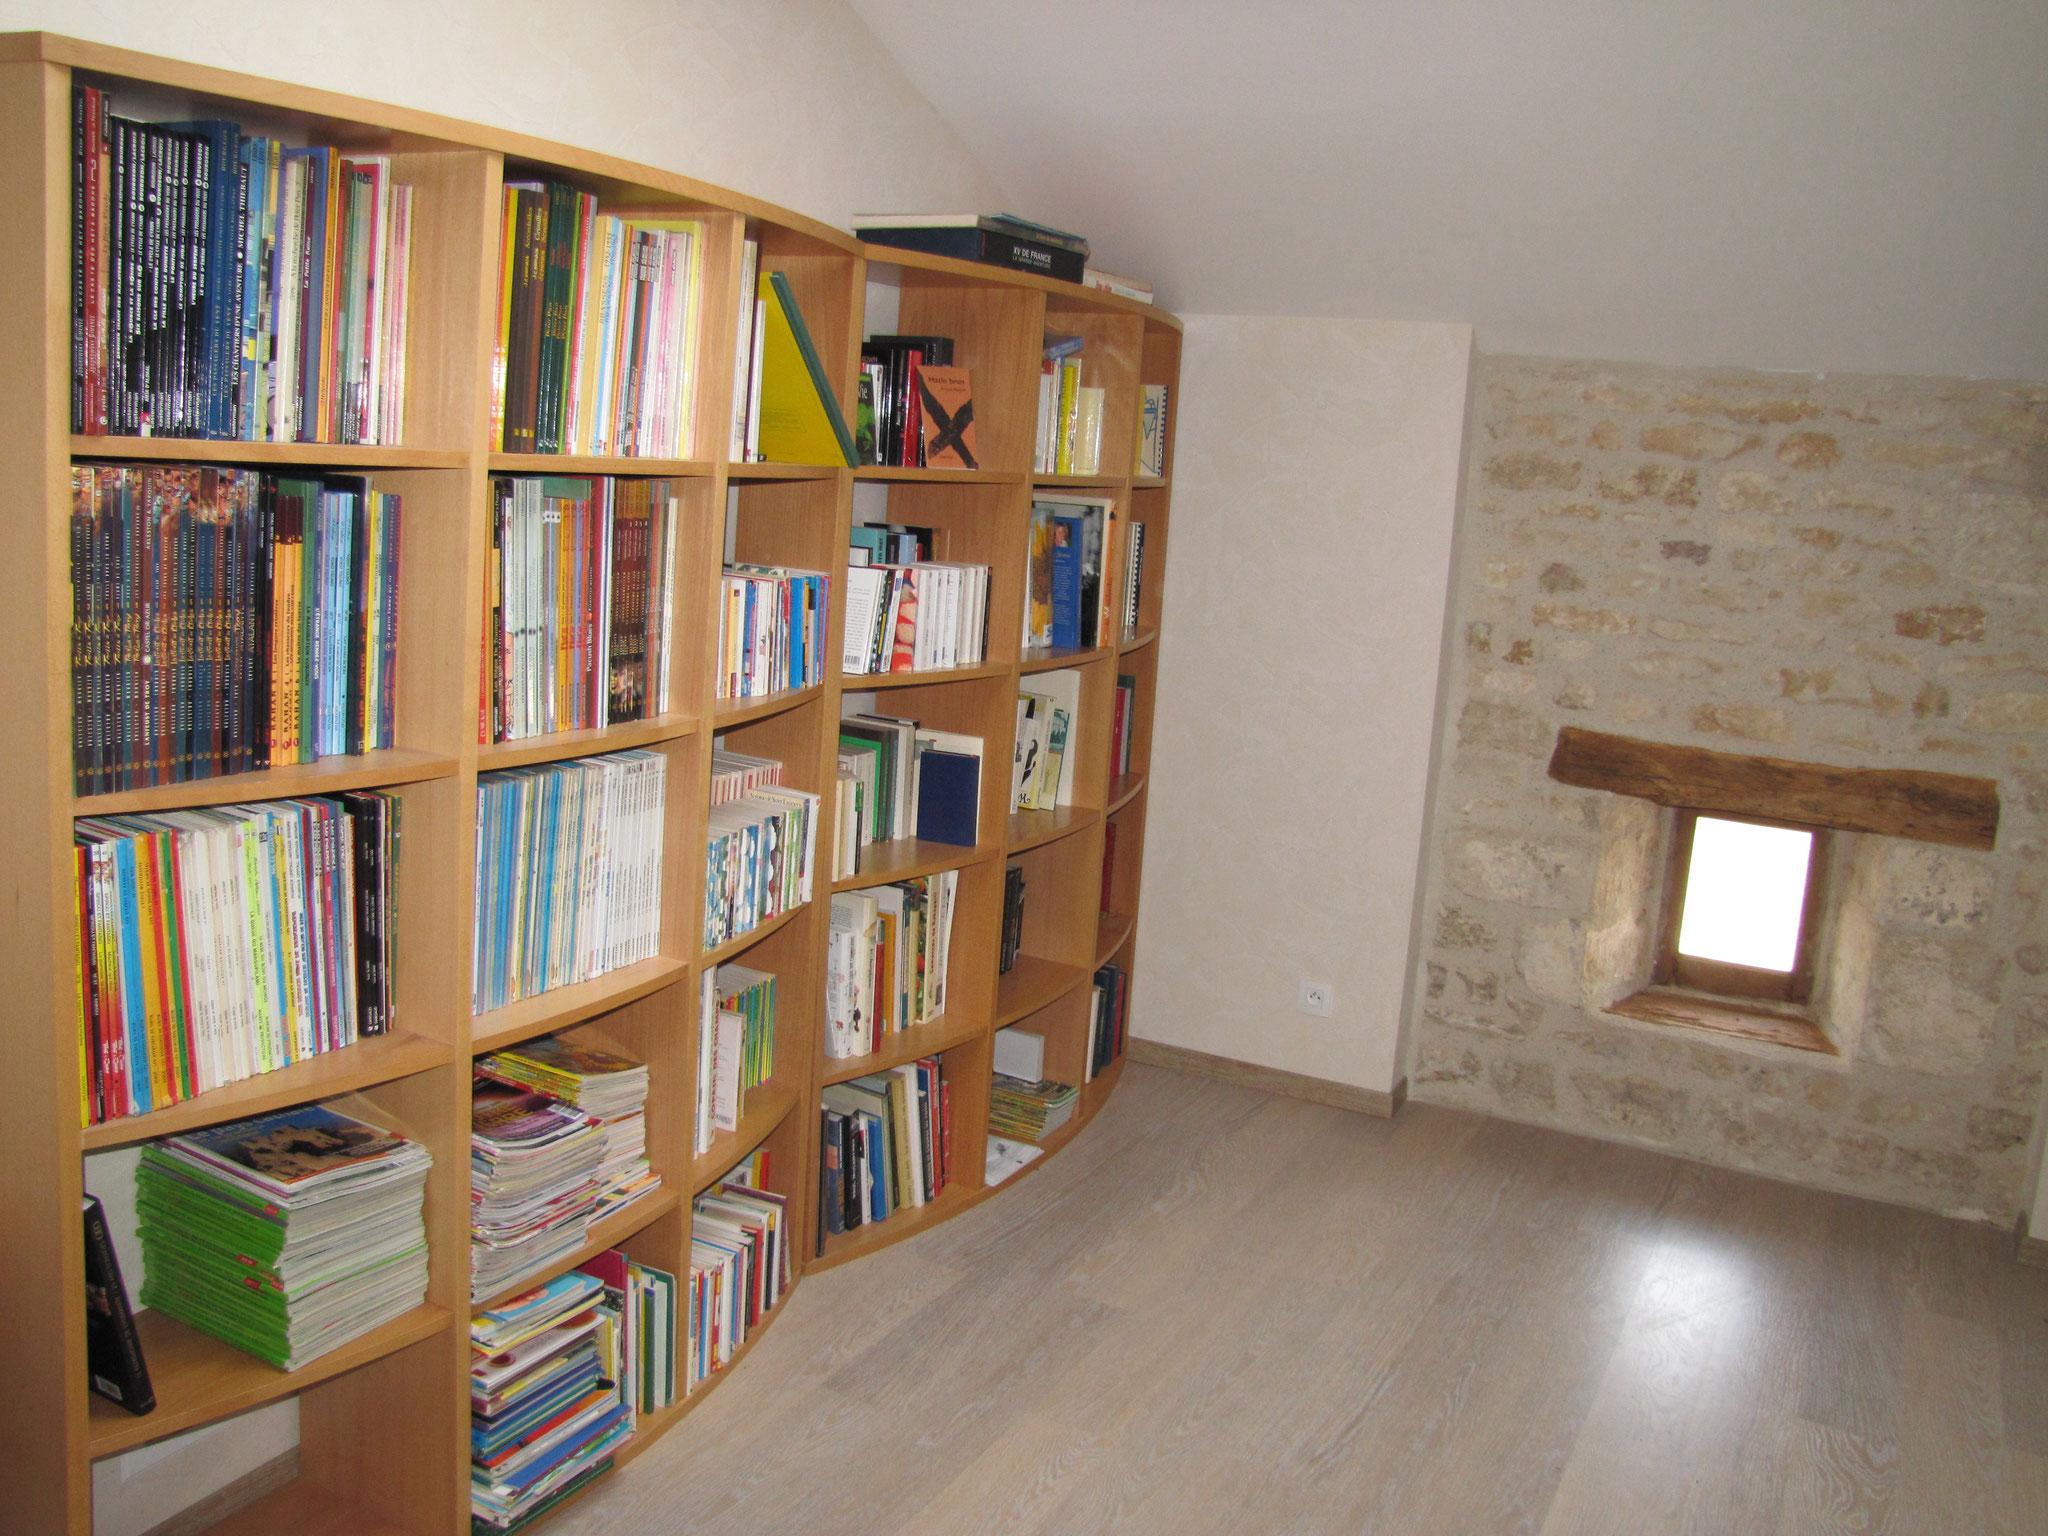 bibliothèque la groie l'abbé